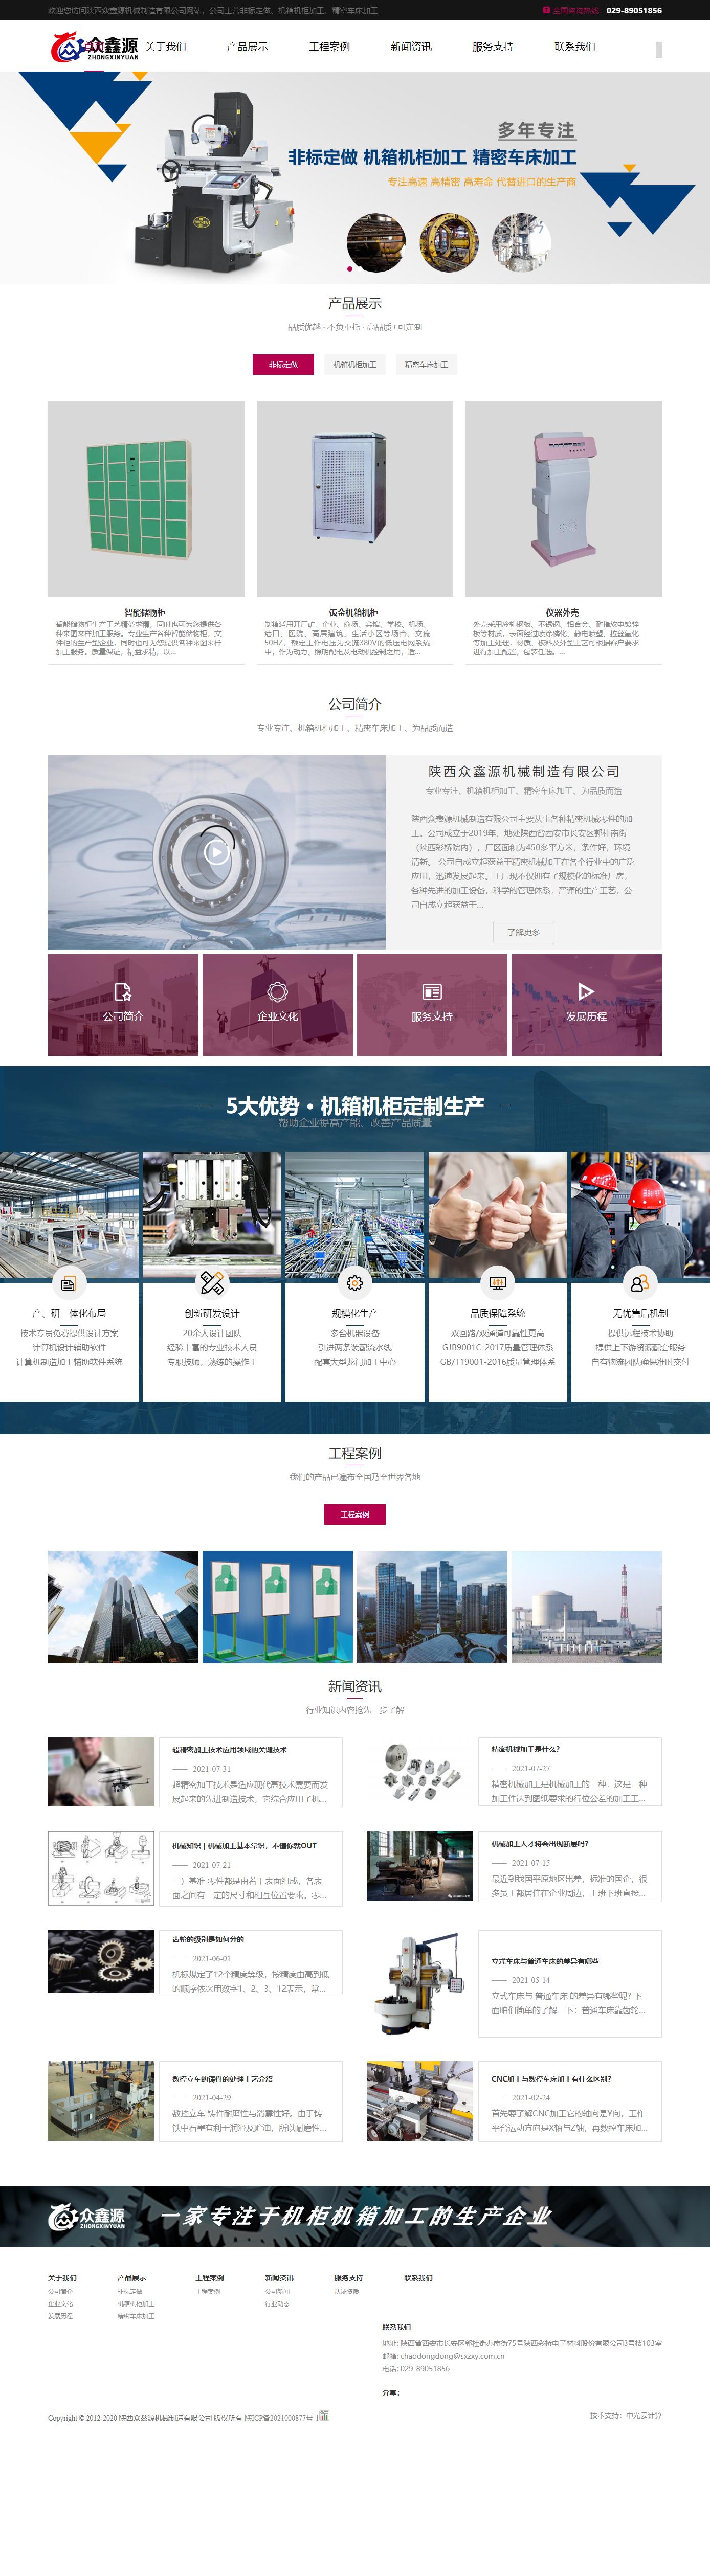 陕西众鑫源机械制造有限公司网站案例